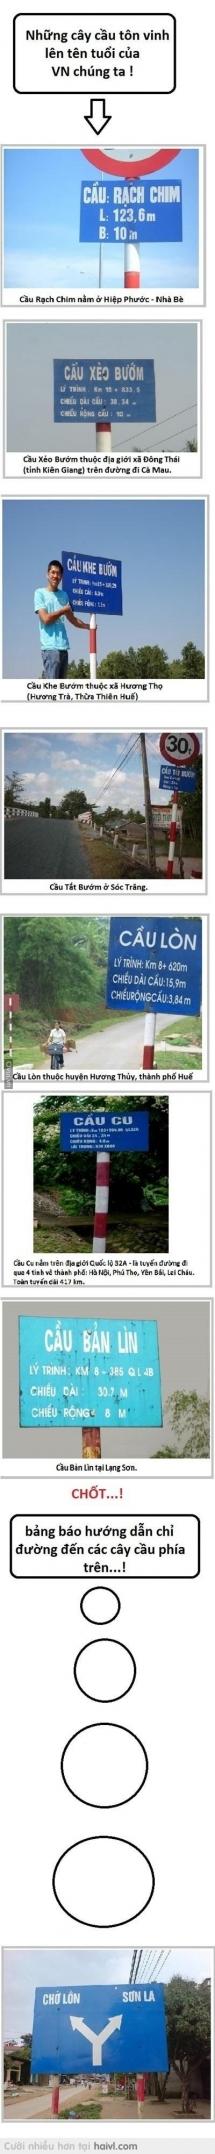 Cầu Việt Nam luôn bá đạo :))